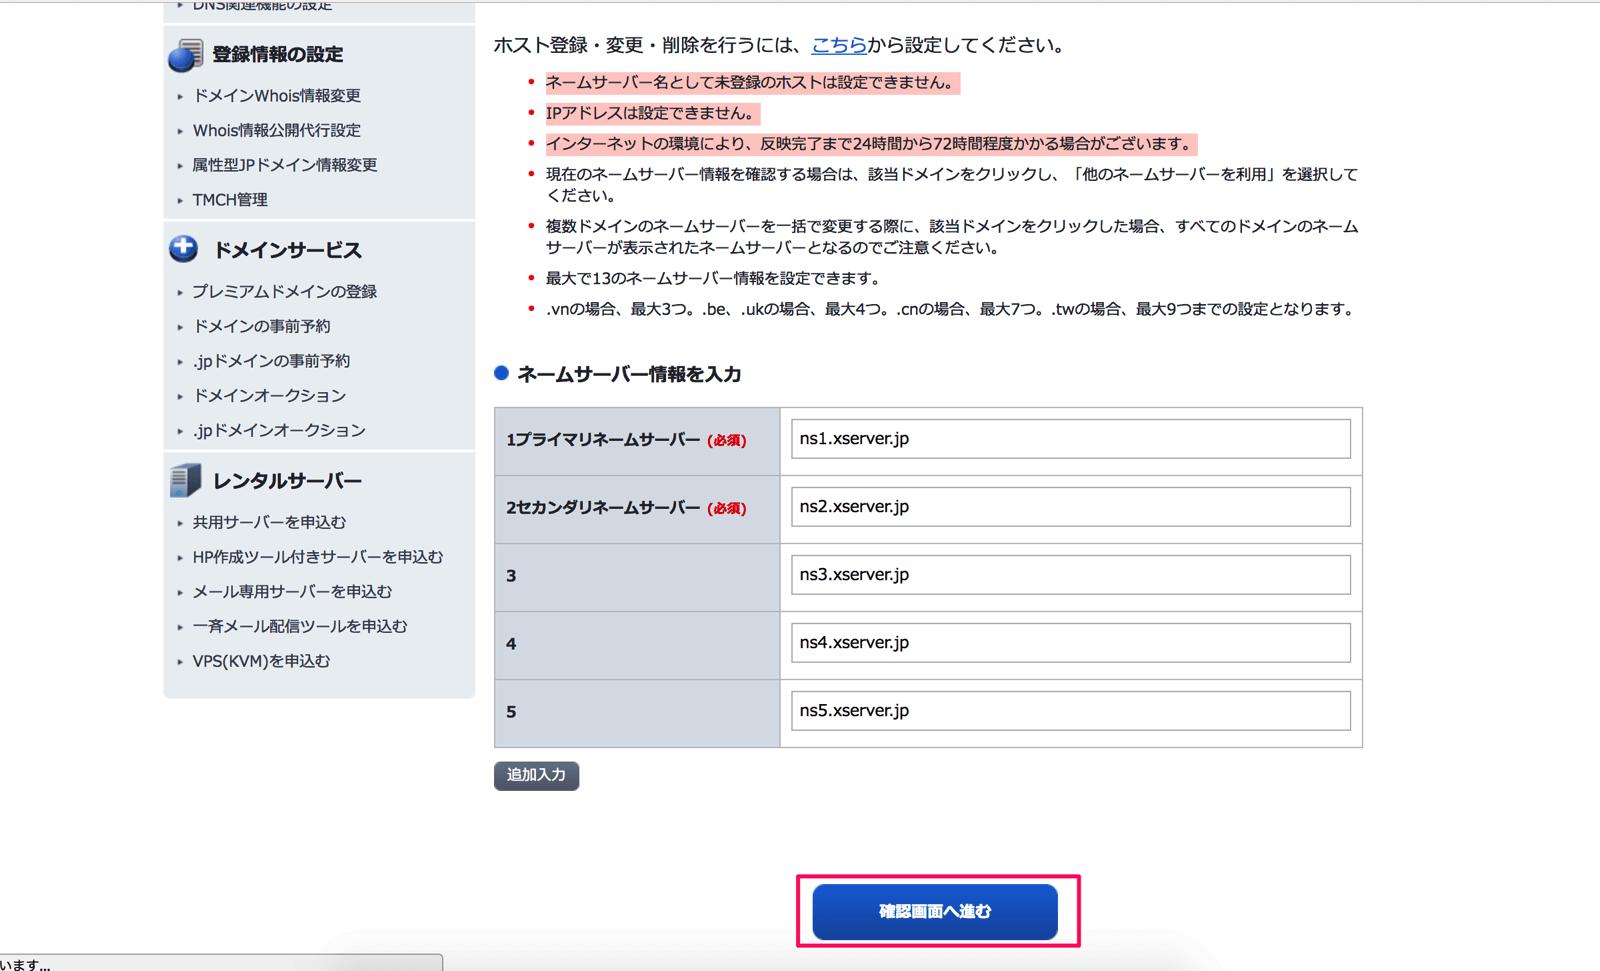 ネームサーバーを入力したら設定を確定します